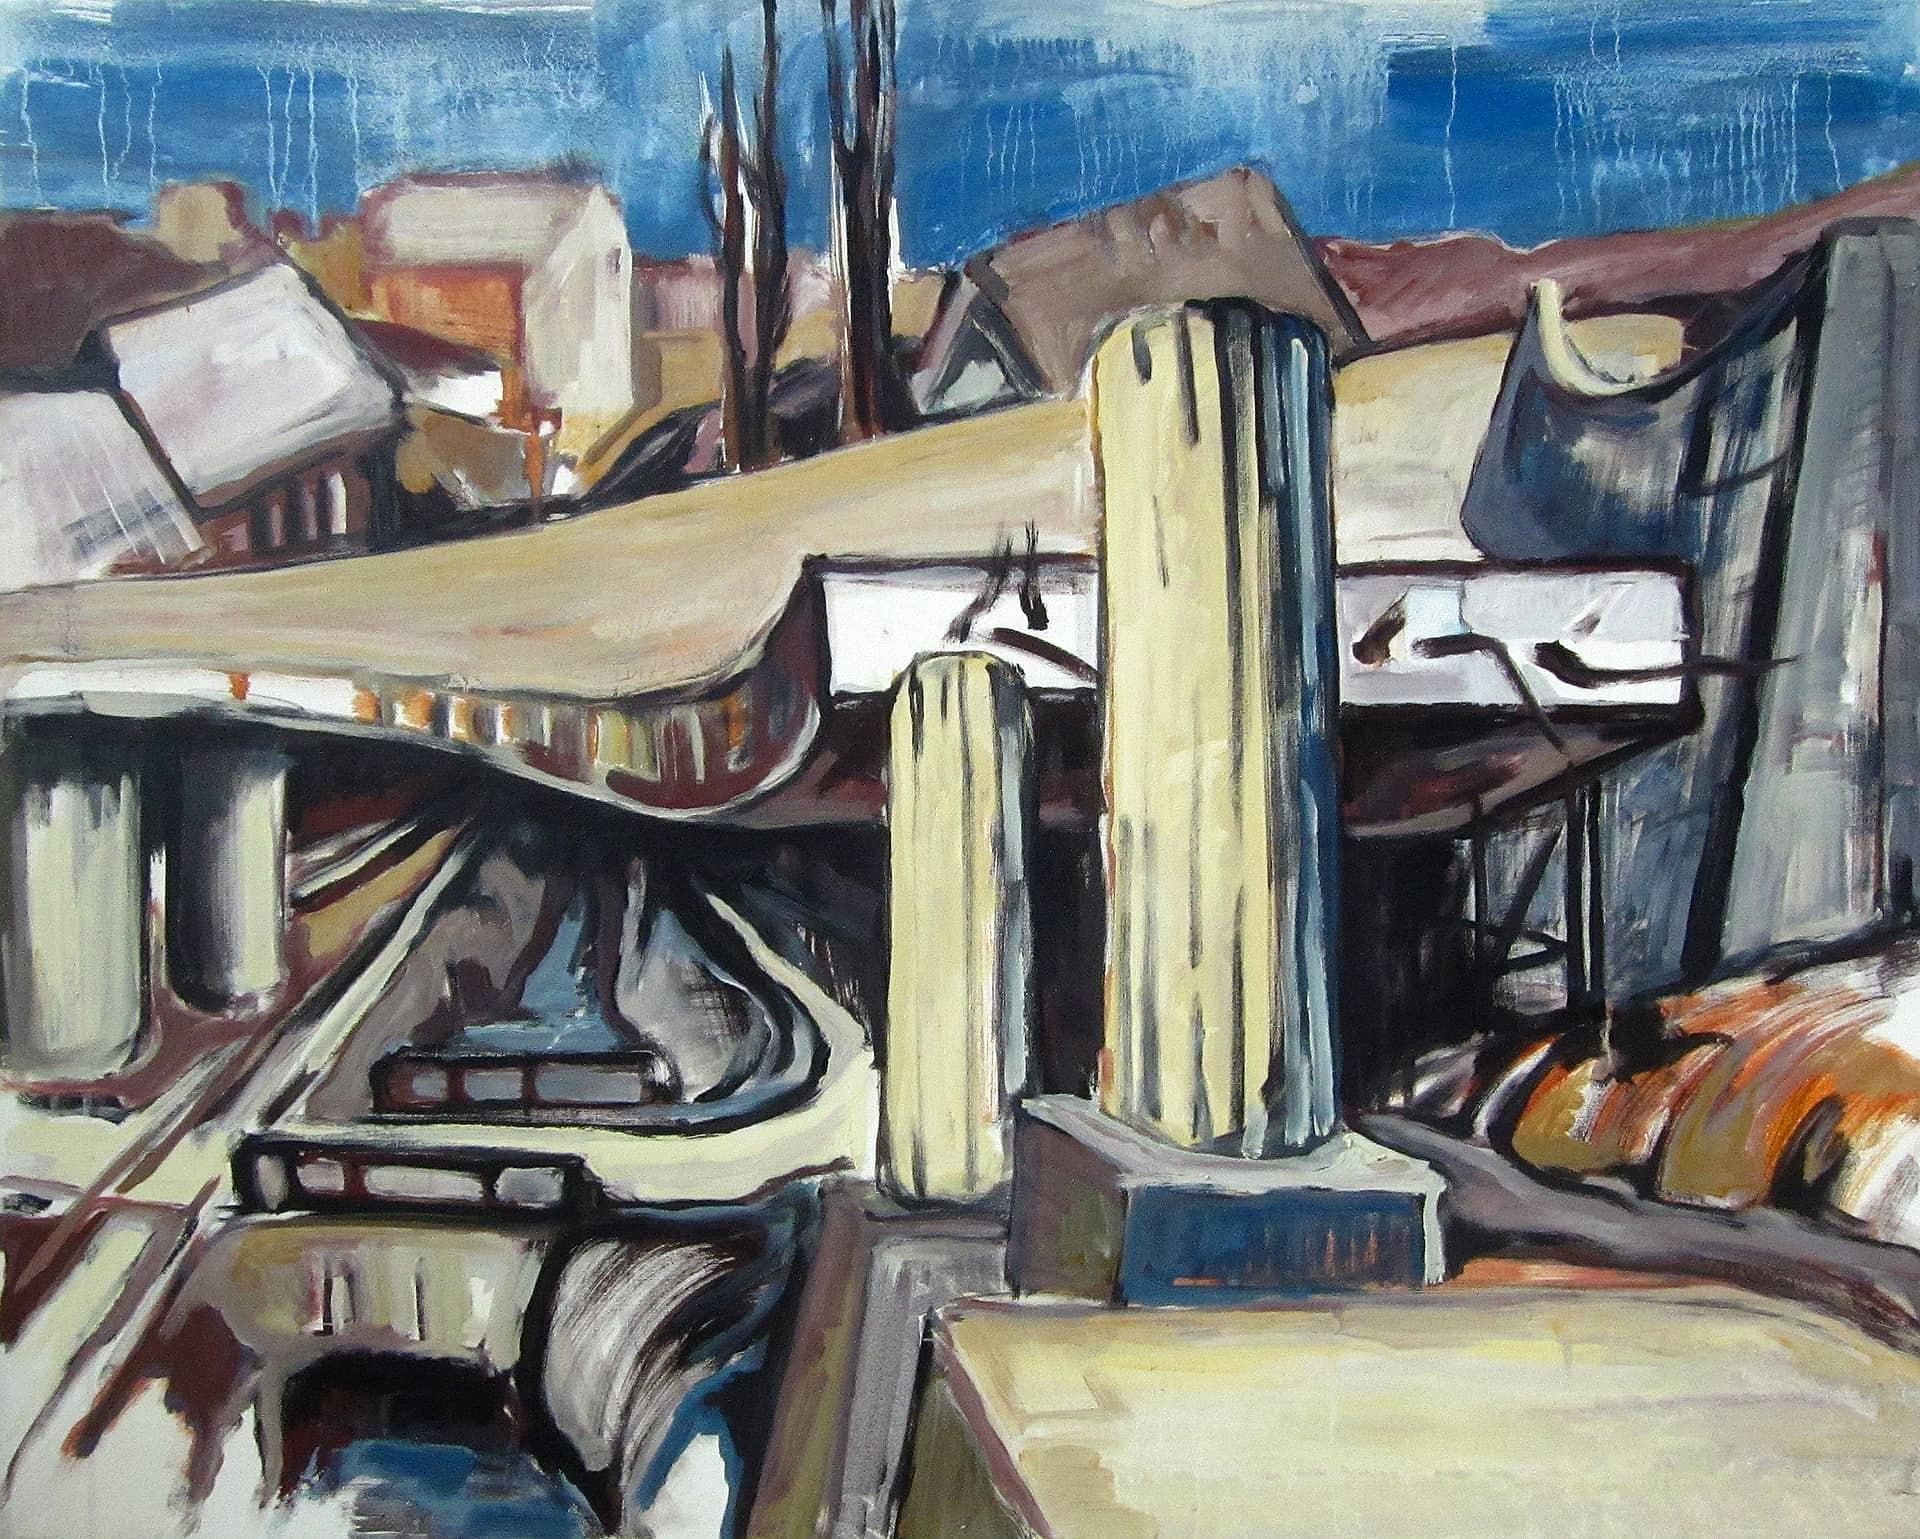 BRÜCKENKONSTRUKTION I, Acryl auf Nessel, 80 x 100 cm, 1978